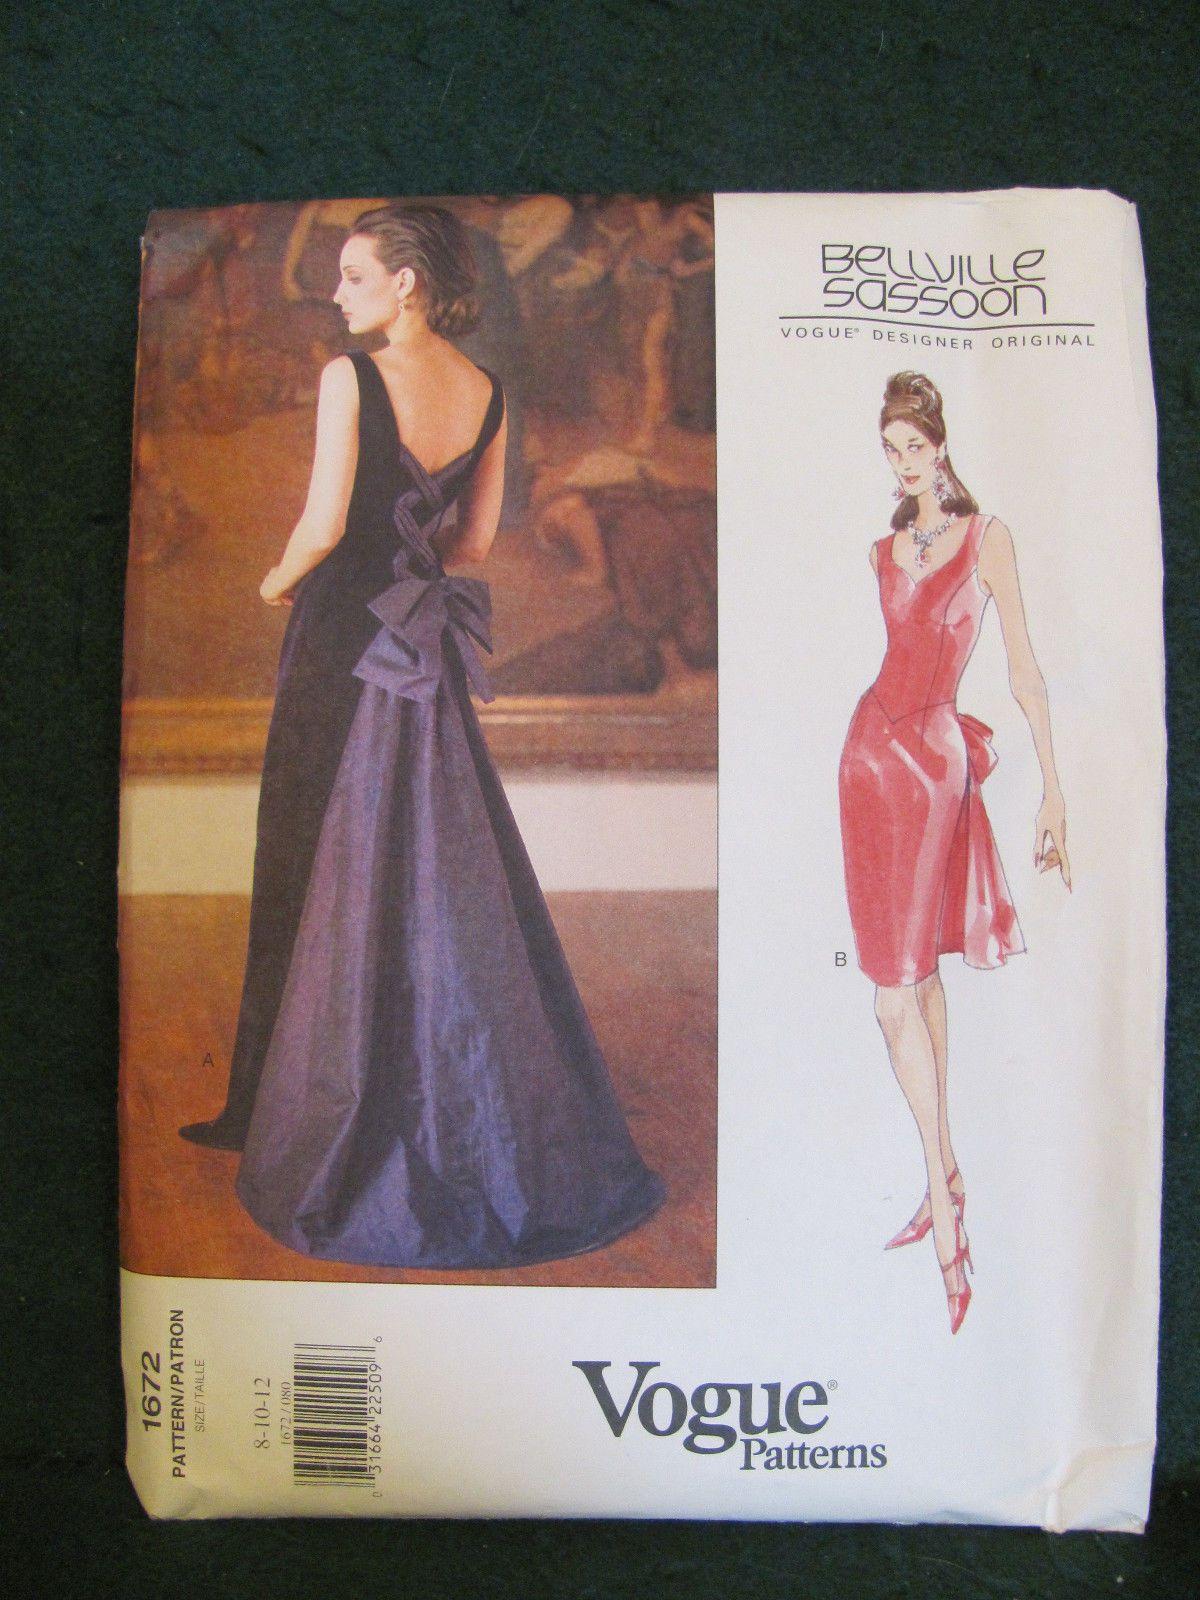 Vogue Pattern 1672 Designer Original Bellville Sassoon Misses Dress Ebay Evening Dresses For Weddings Vogue Patterns Vogue Pattern